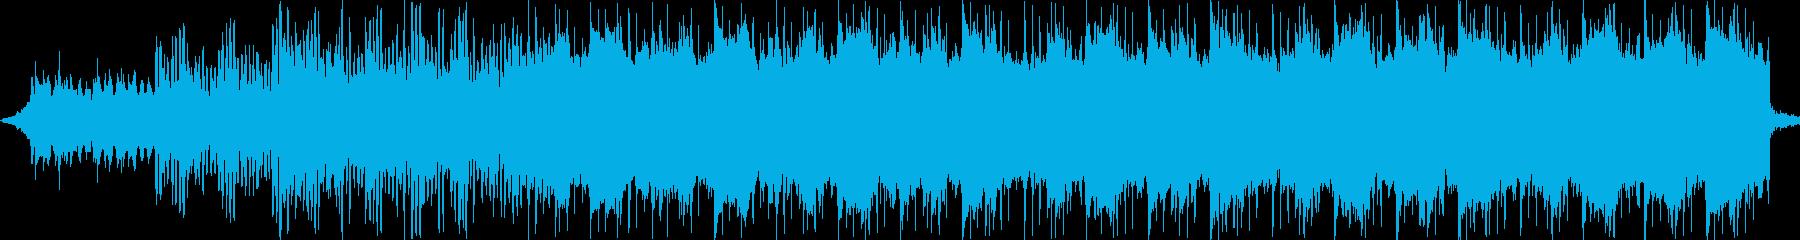 ゆったりしてる時にオススメ!の再生済みの波形